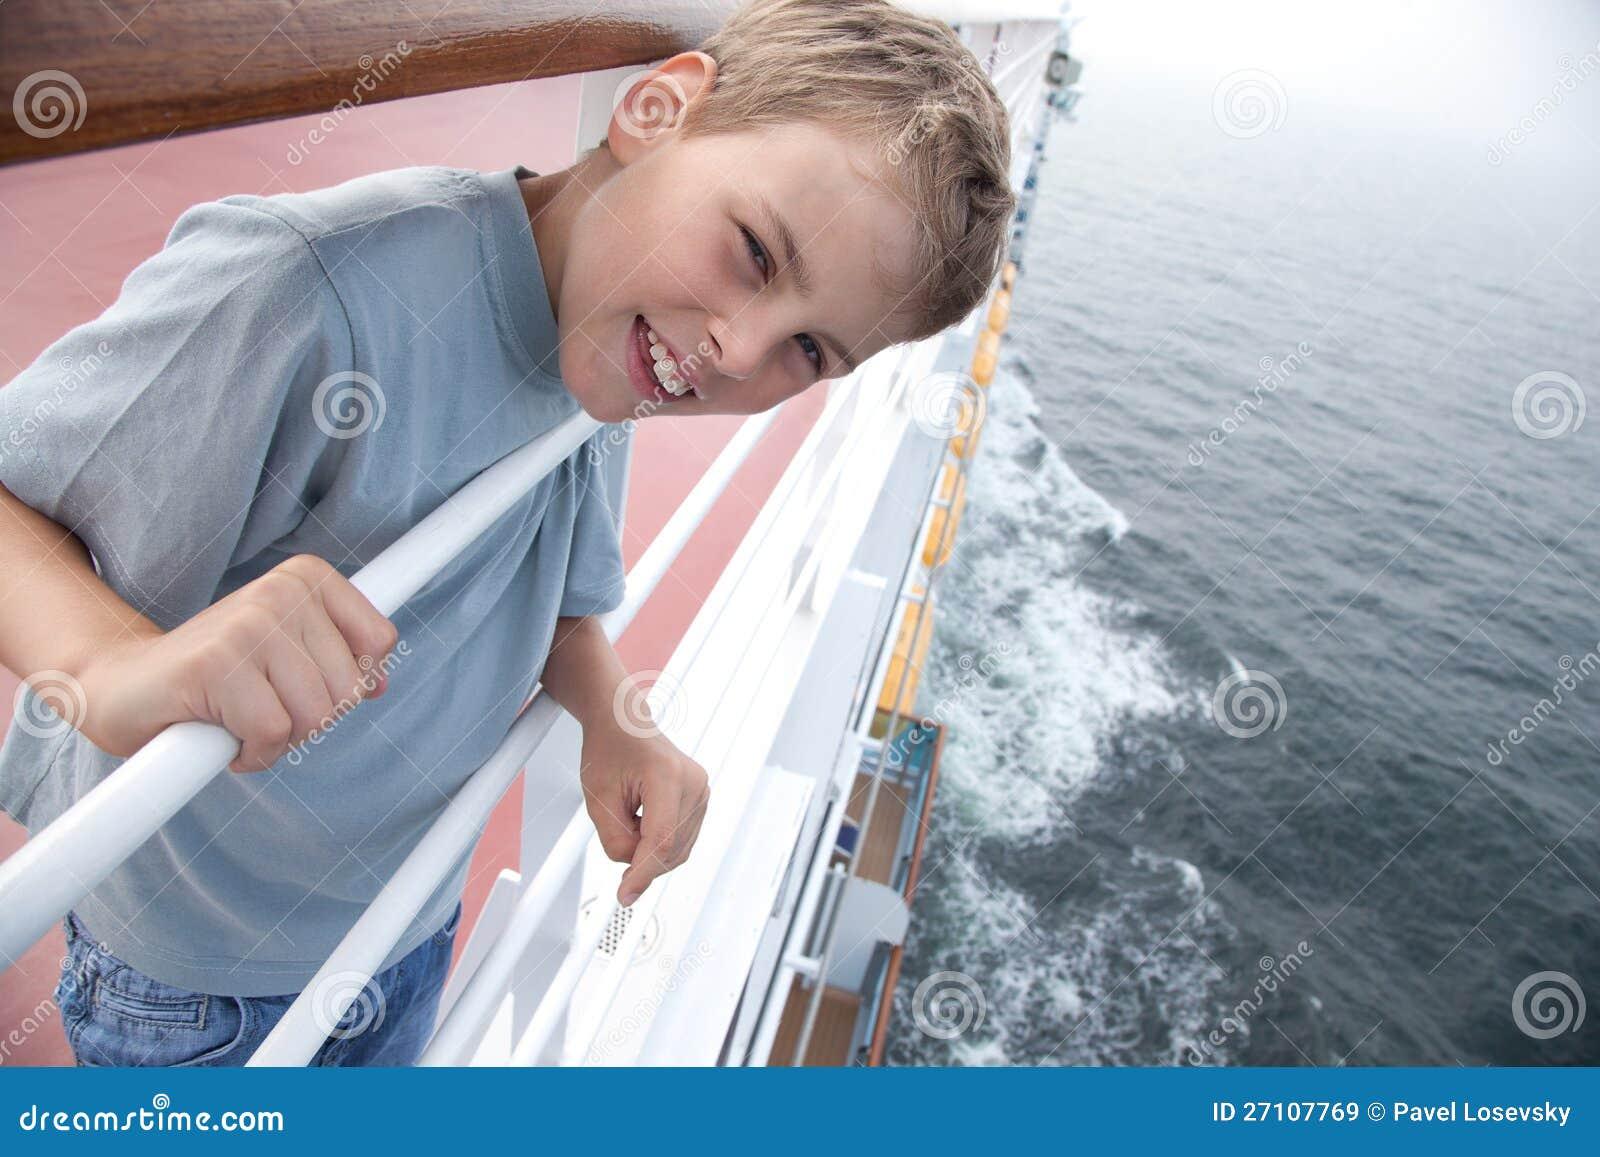 Boy near handrails on deck of ship